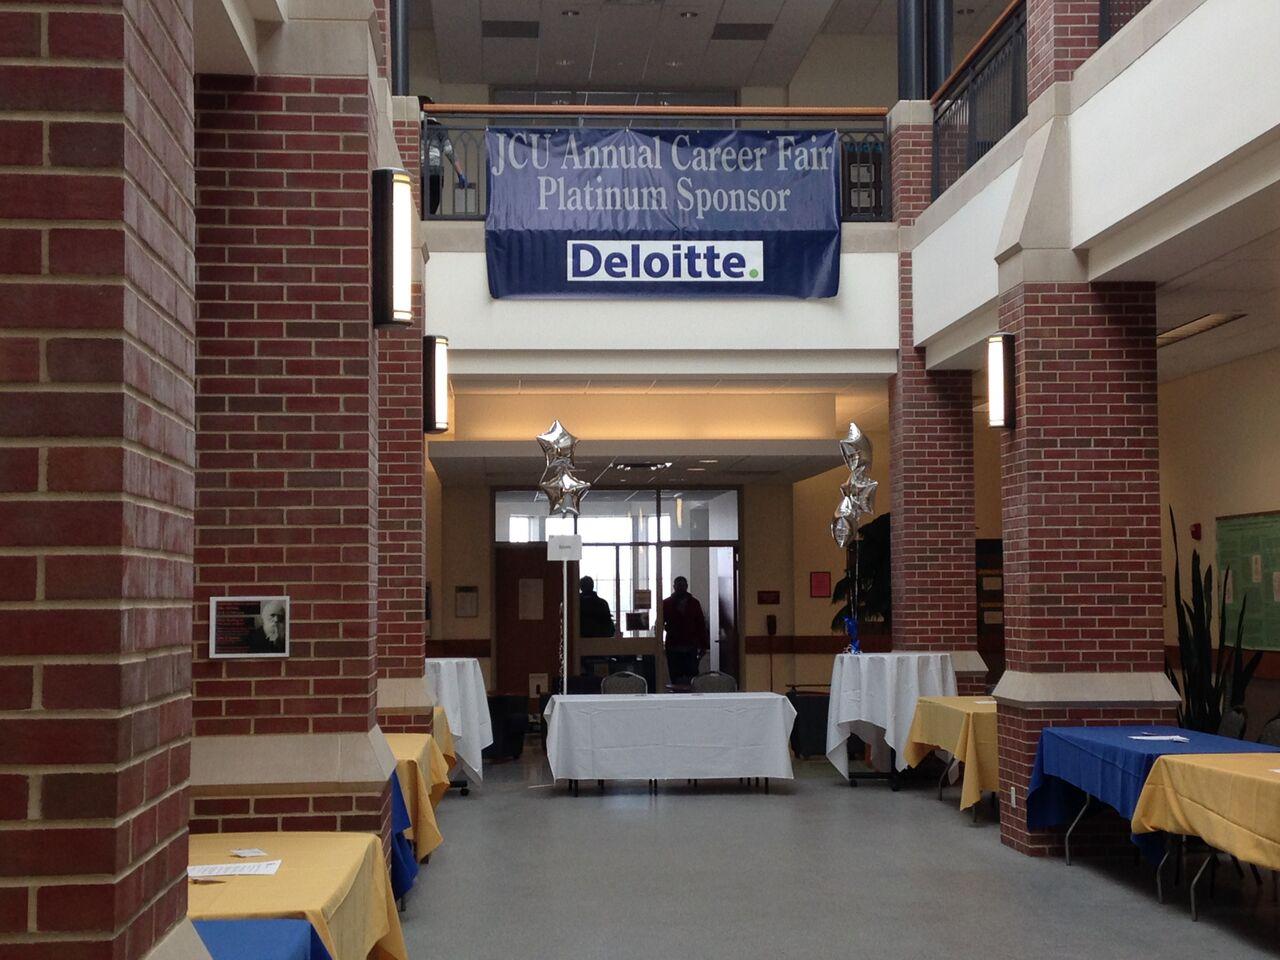 JCU Annual Career Fair Center For Services